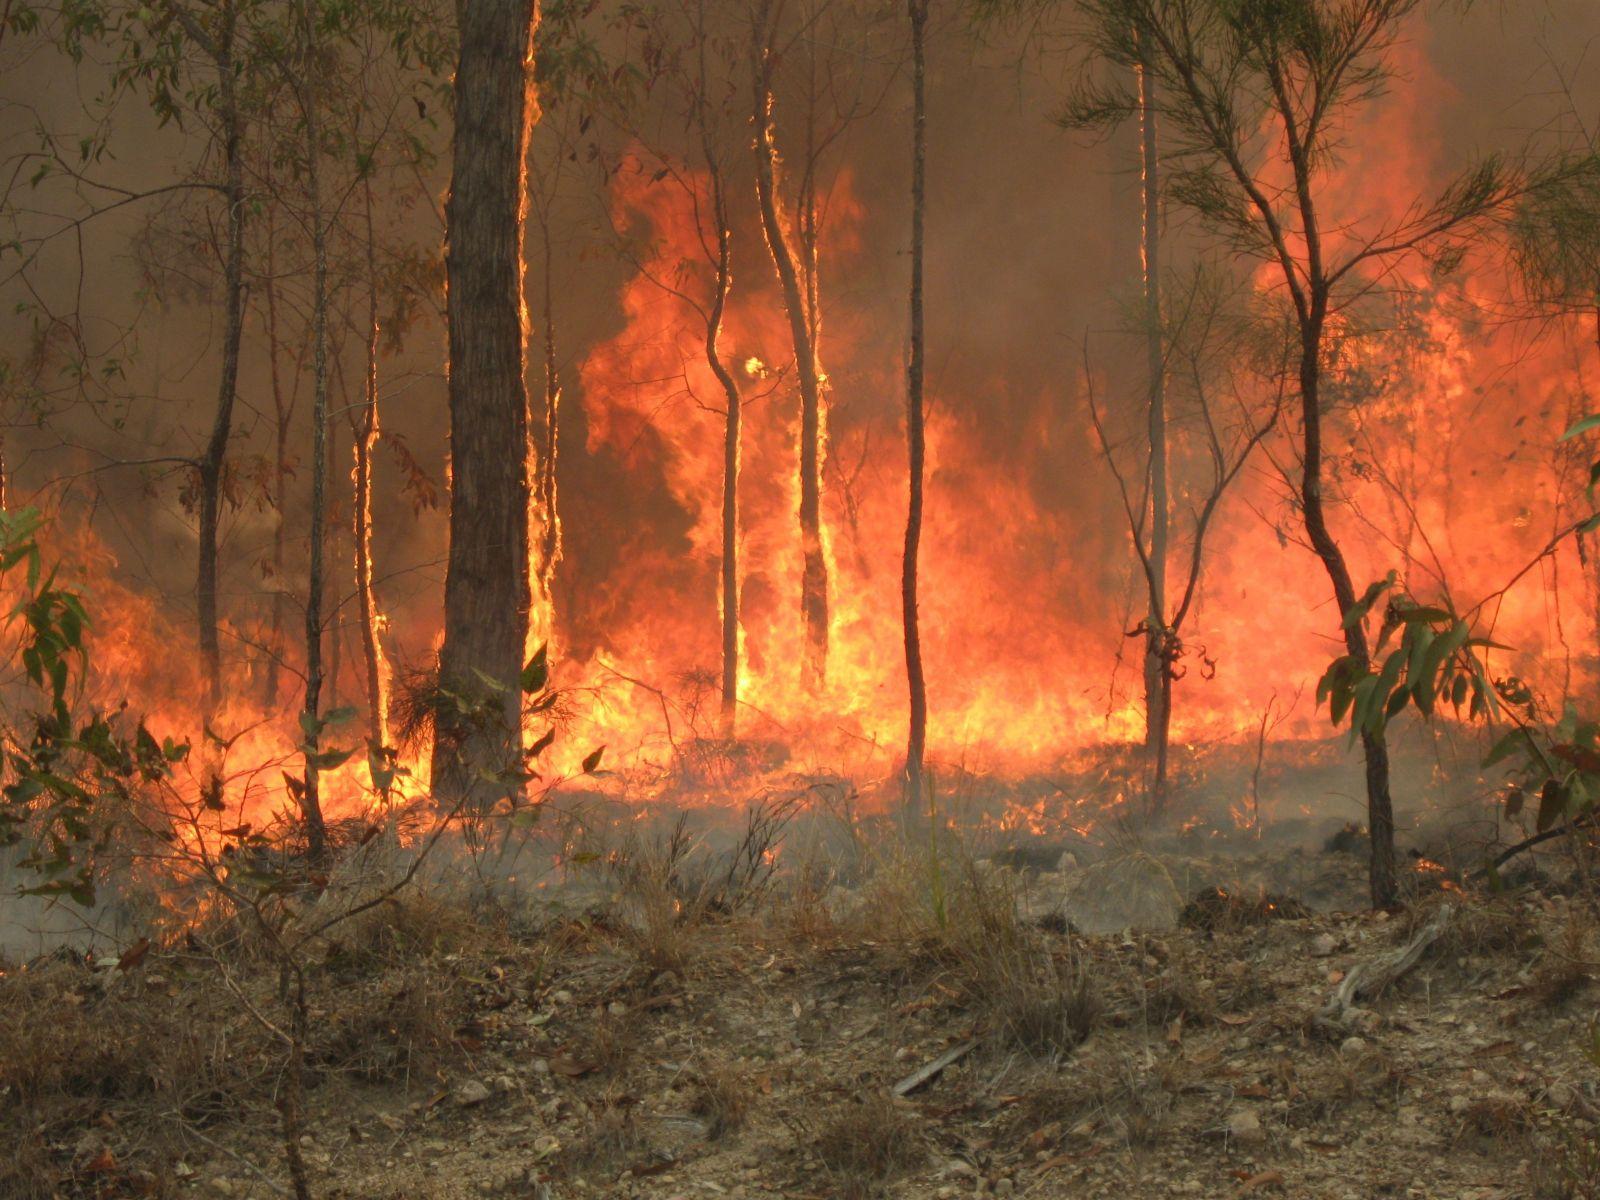 Bouřlivý začátek roku 2020: Hořel prales v Austrálii, lidé věřili v začátek 3. světové války, Čínu ochromil smrtící koronavirus